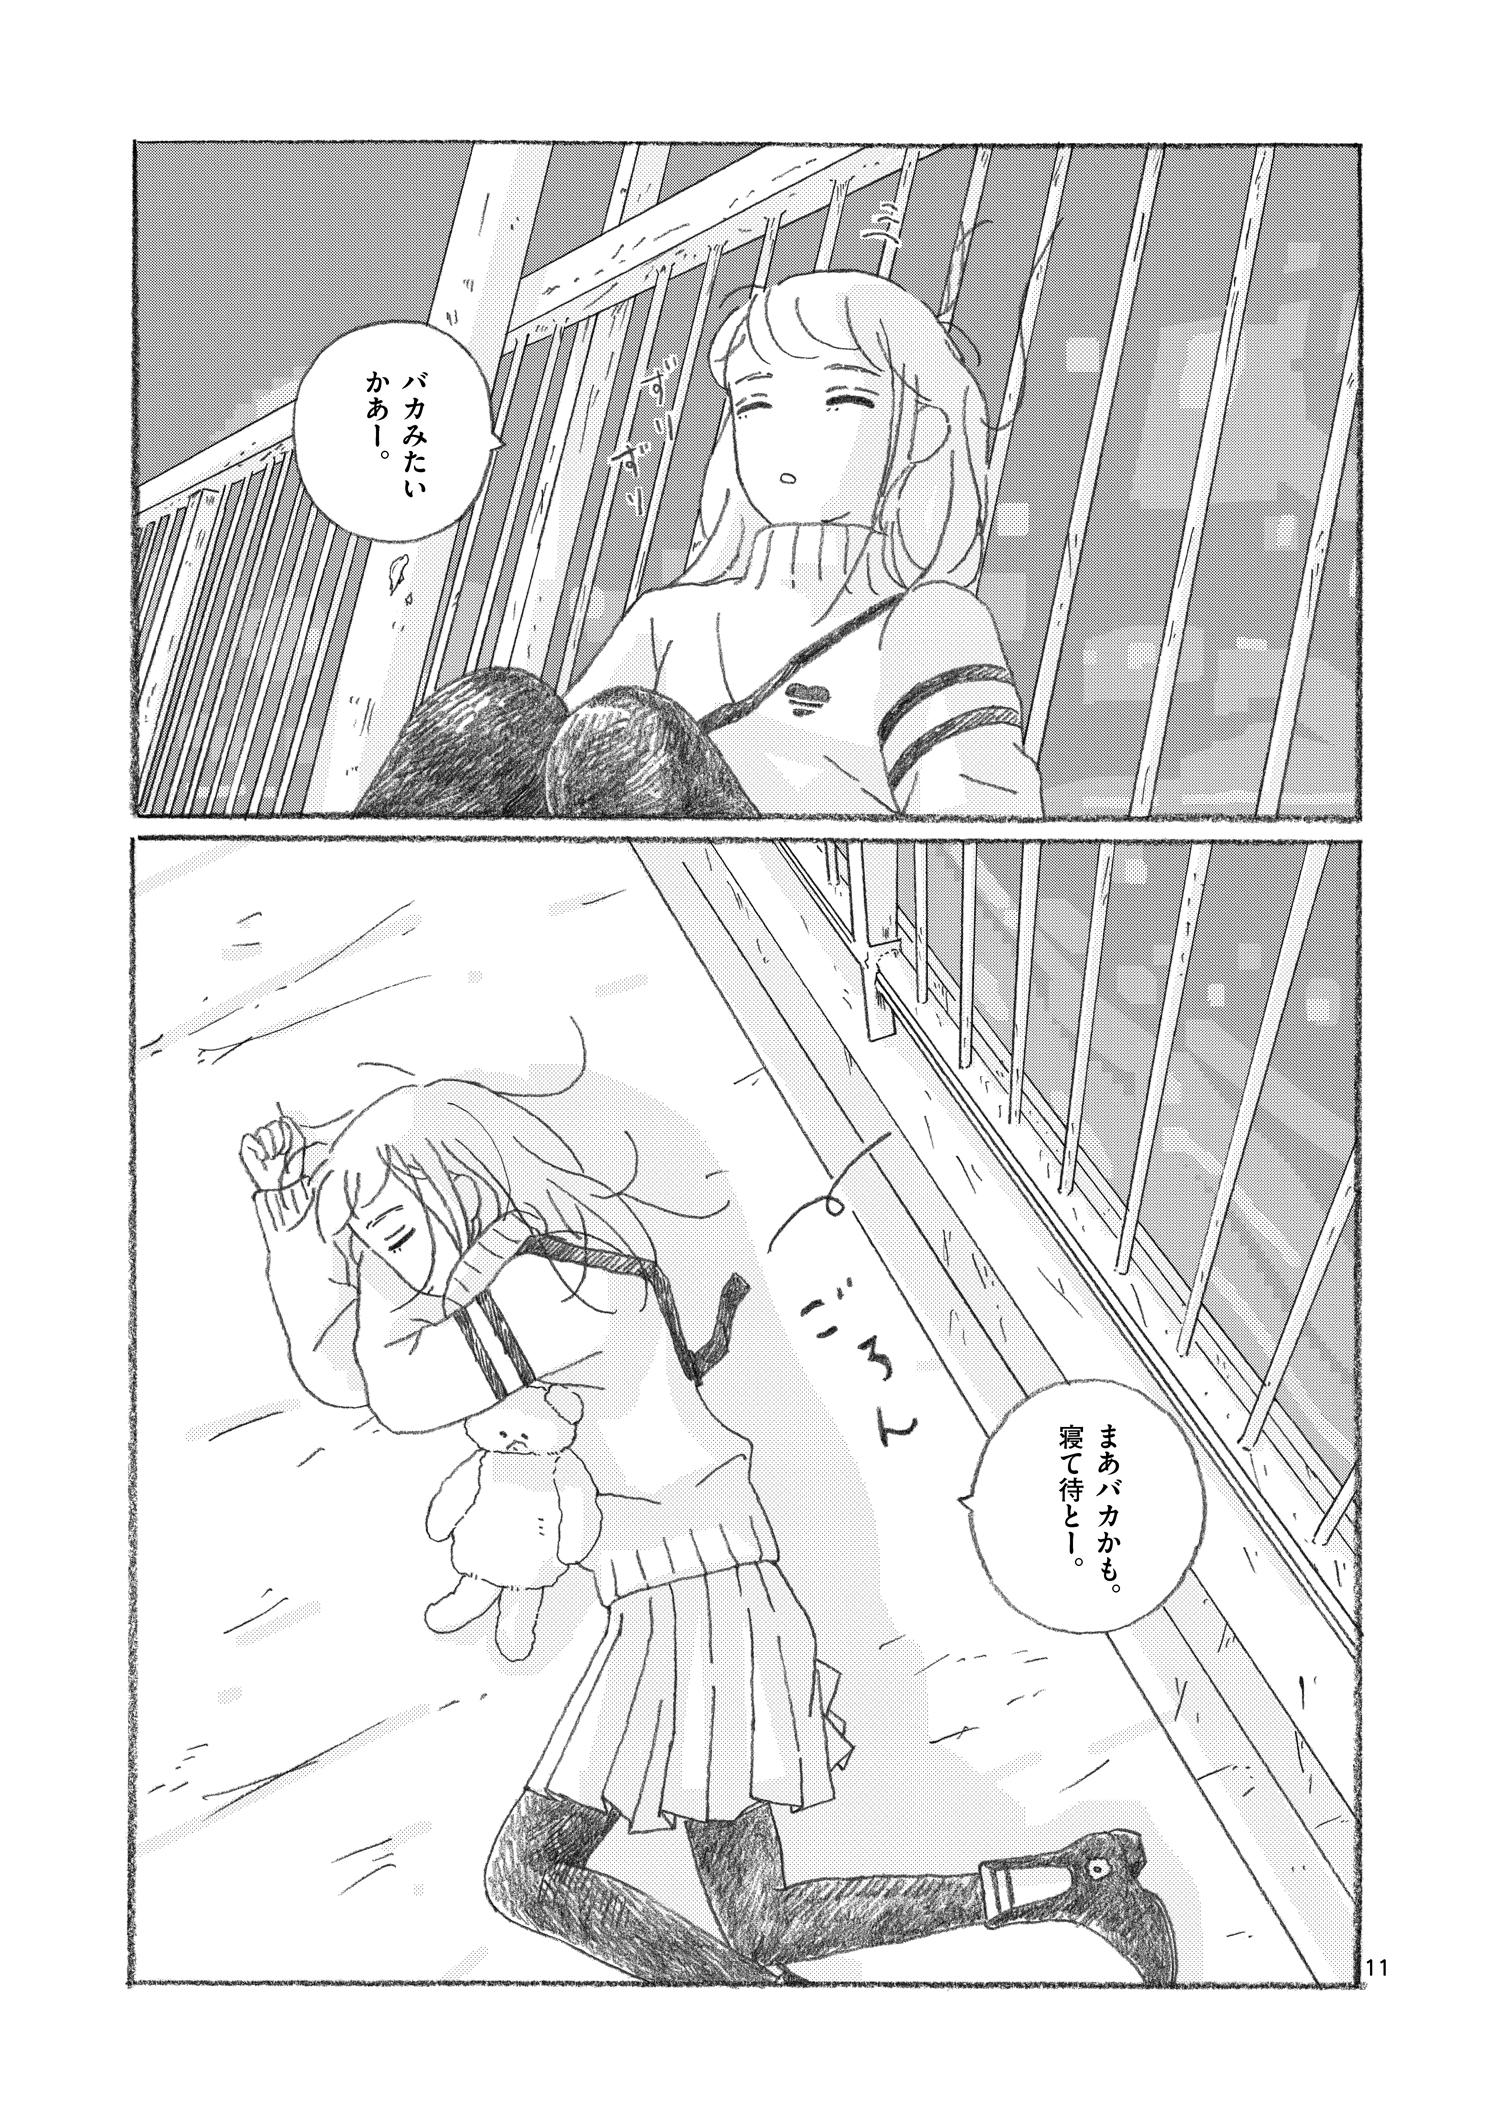 大島智子「セッちゃん」第2話P11